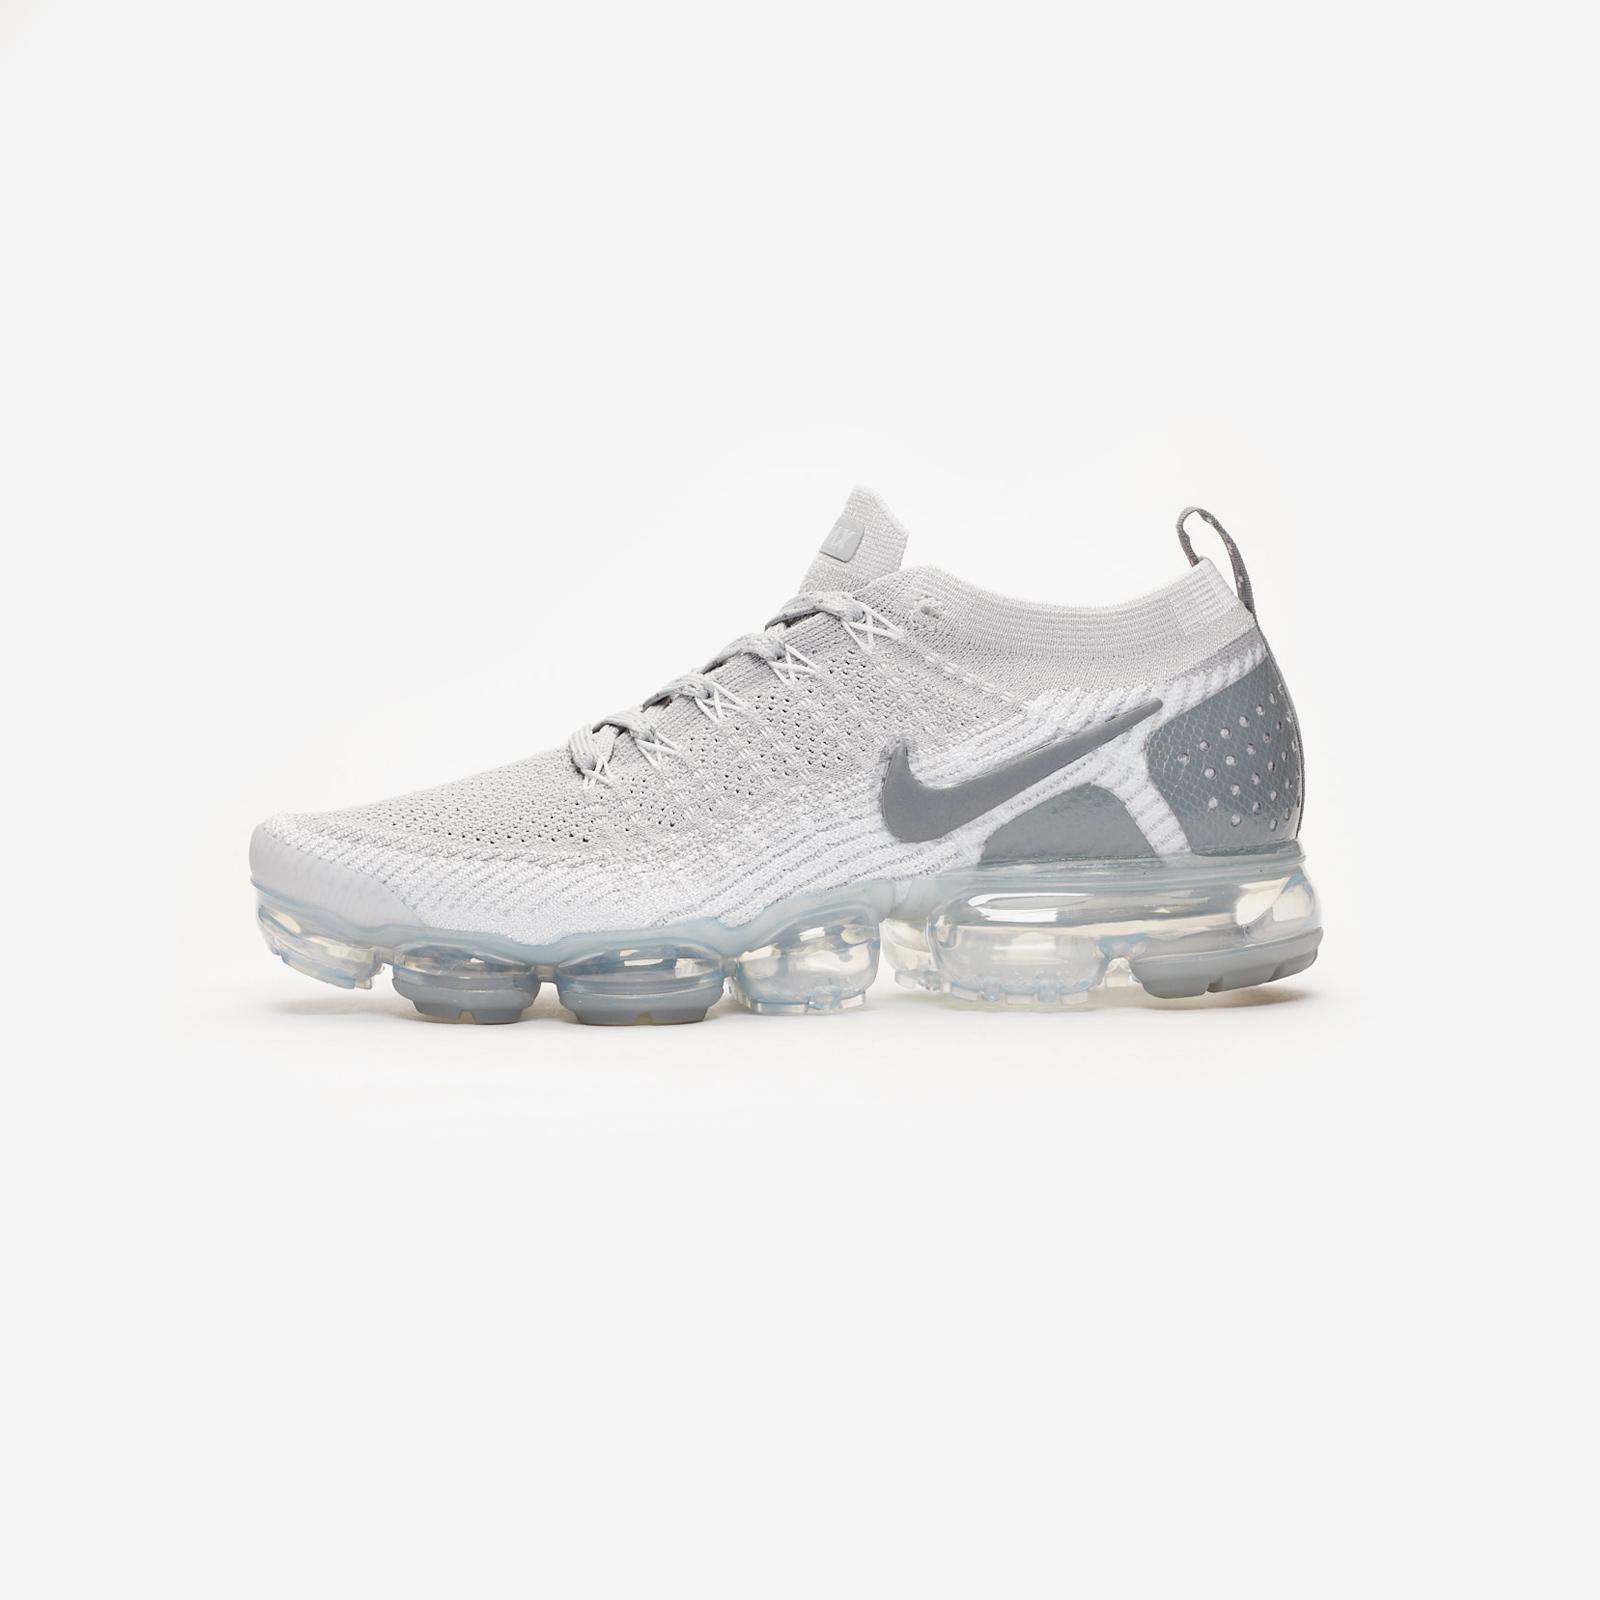 3fa73472f625 Nike Air Vapormax Flyknit 2 - Av7973-001 - Sneakersnstuff